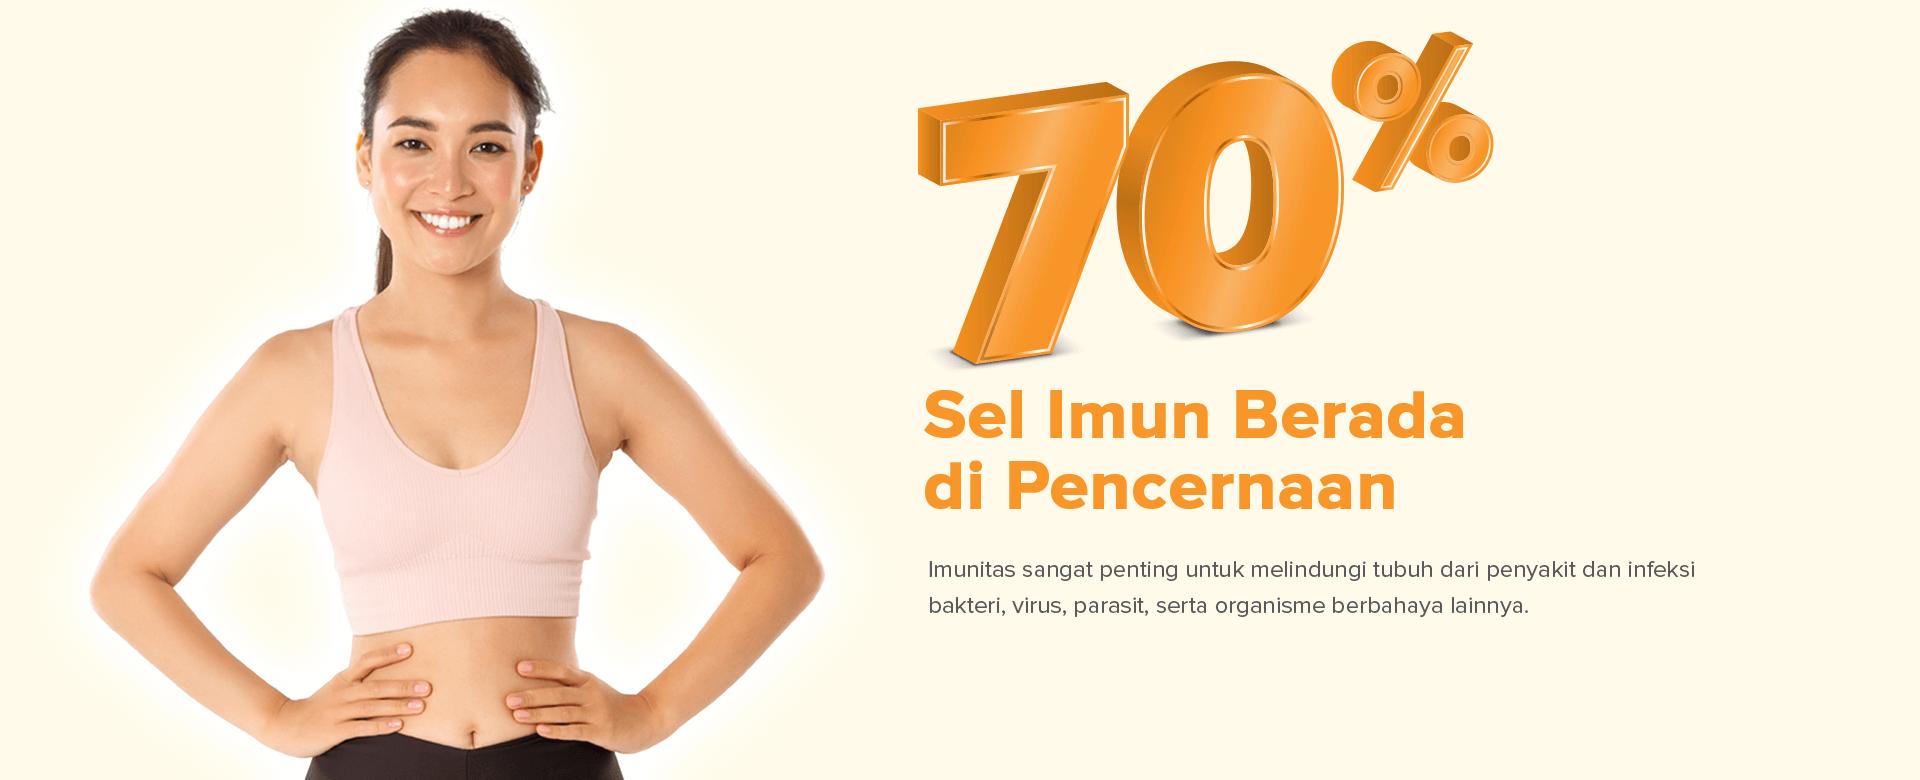 70% Sel Imun Berada di Pencernaan